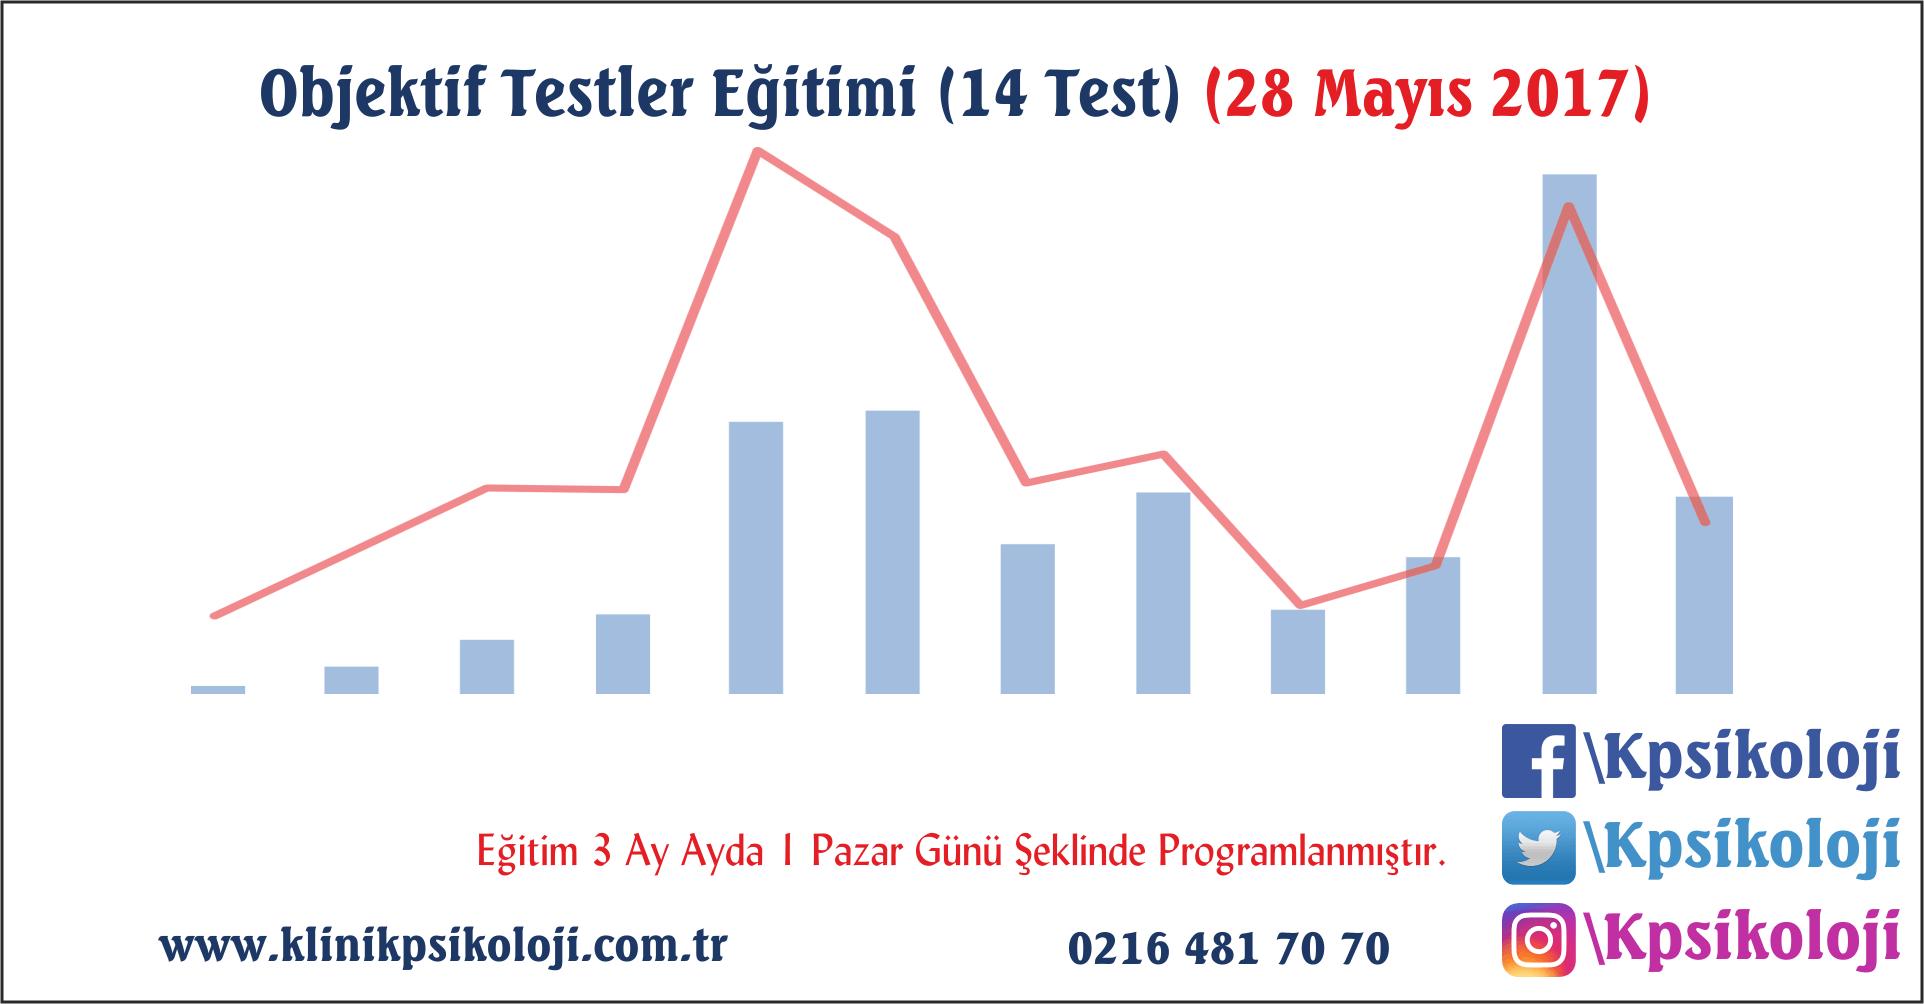 Objektif Testler Eğitimi (14 Test) (28 Mayıs 2017)